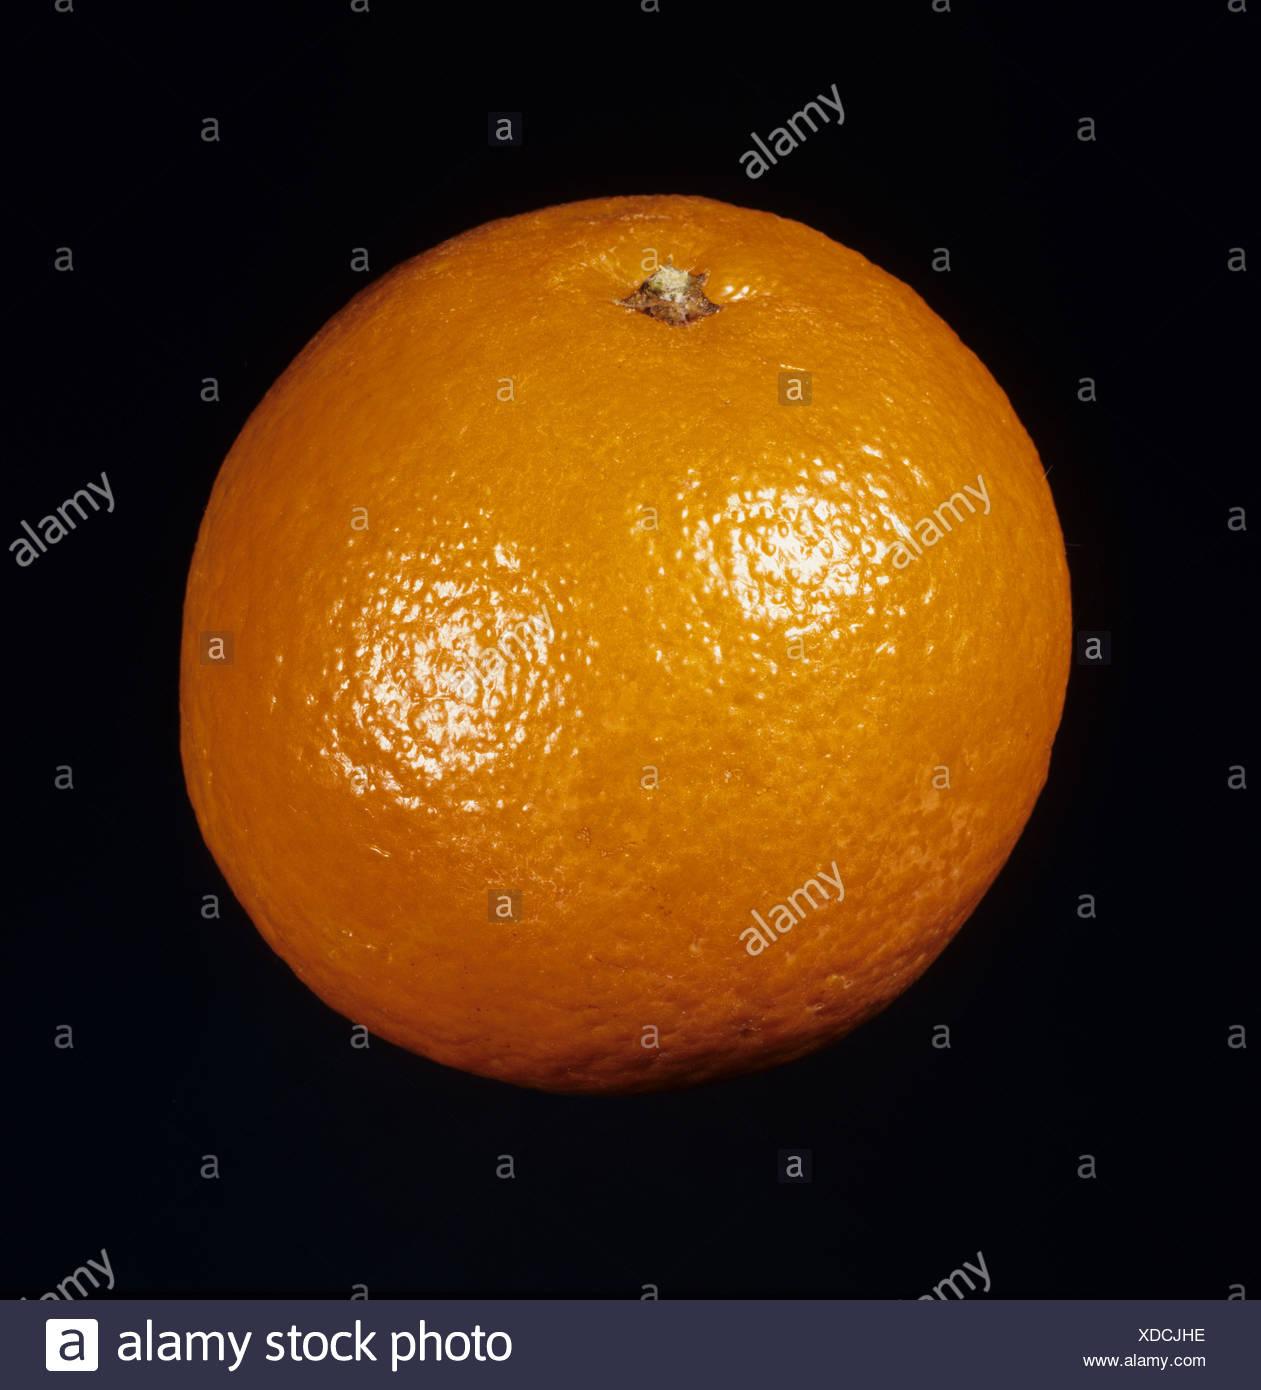 Toda la variedad de fruta clementine Página Imagen De Stock